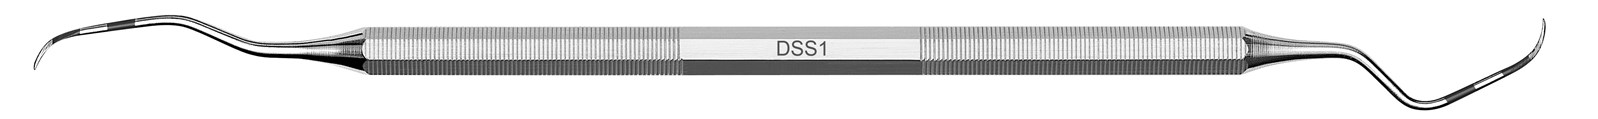 Kyreta Deppeler smart scaling (DSS) - DSS1, ADEP tmavě modrý